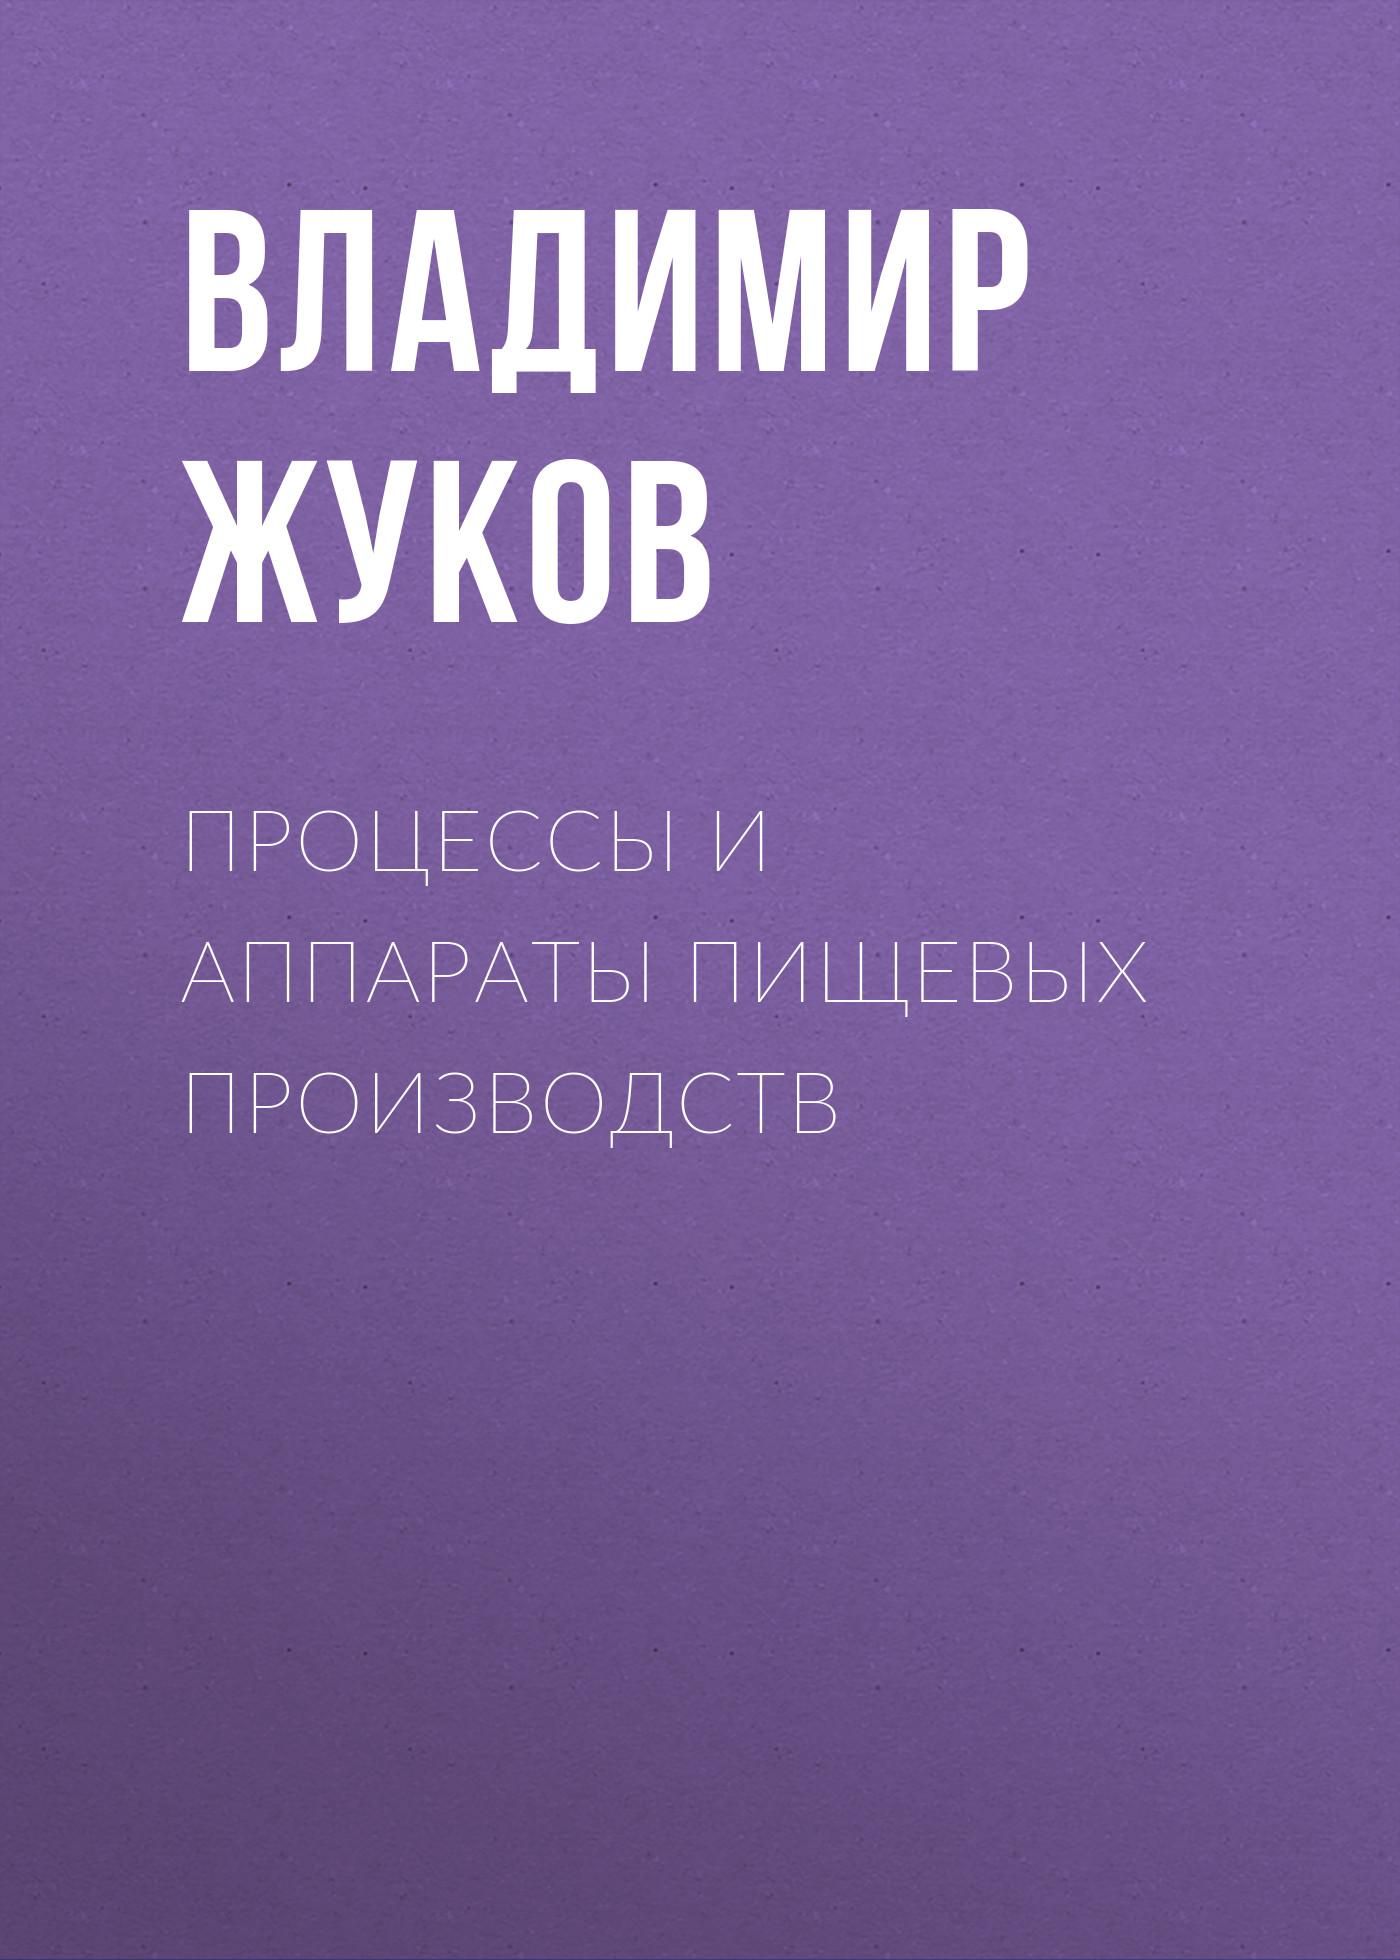 Владимир Жуков Процессы и аппараты пищевых производств владимир жуков процессы и аппараты пищевых производств